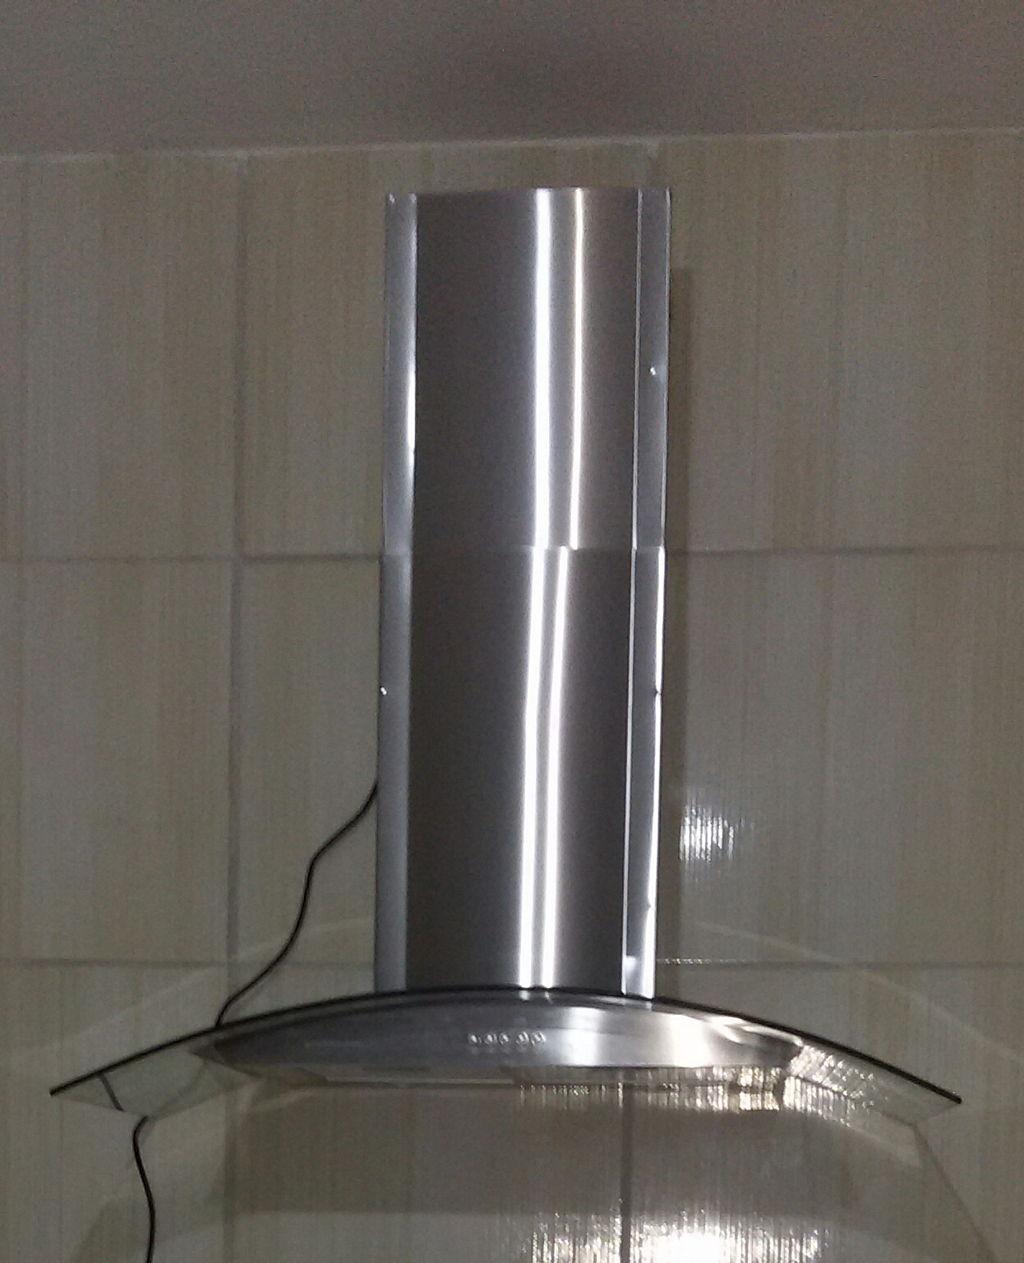 Coifa De Parede Cadence Gourmet Vidro 90cm Cadence ~ Balança De Cozinha Digital Aarmario De Cozinha Janaina